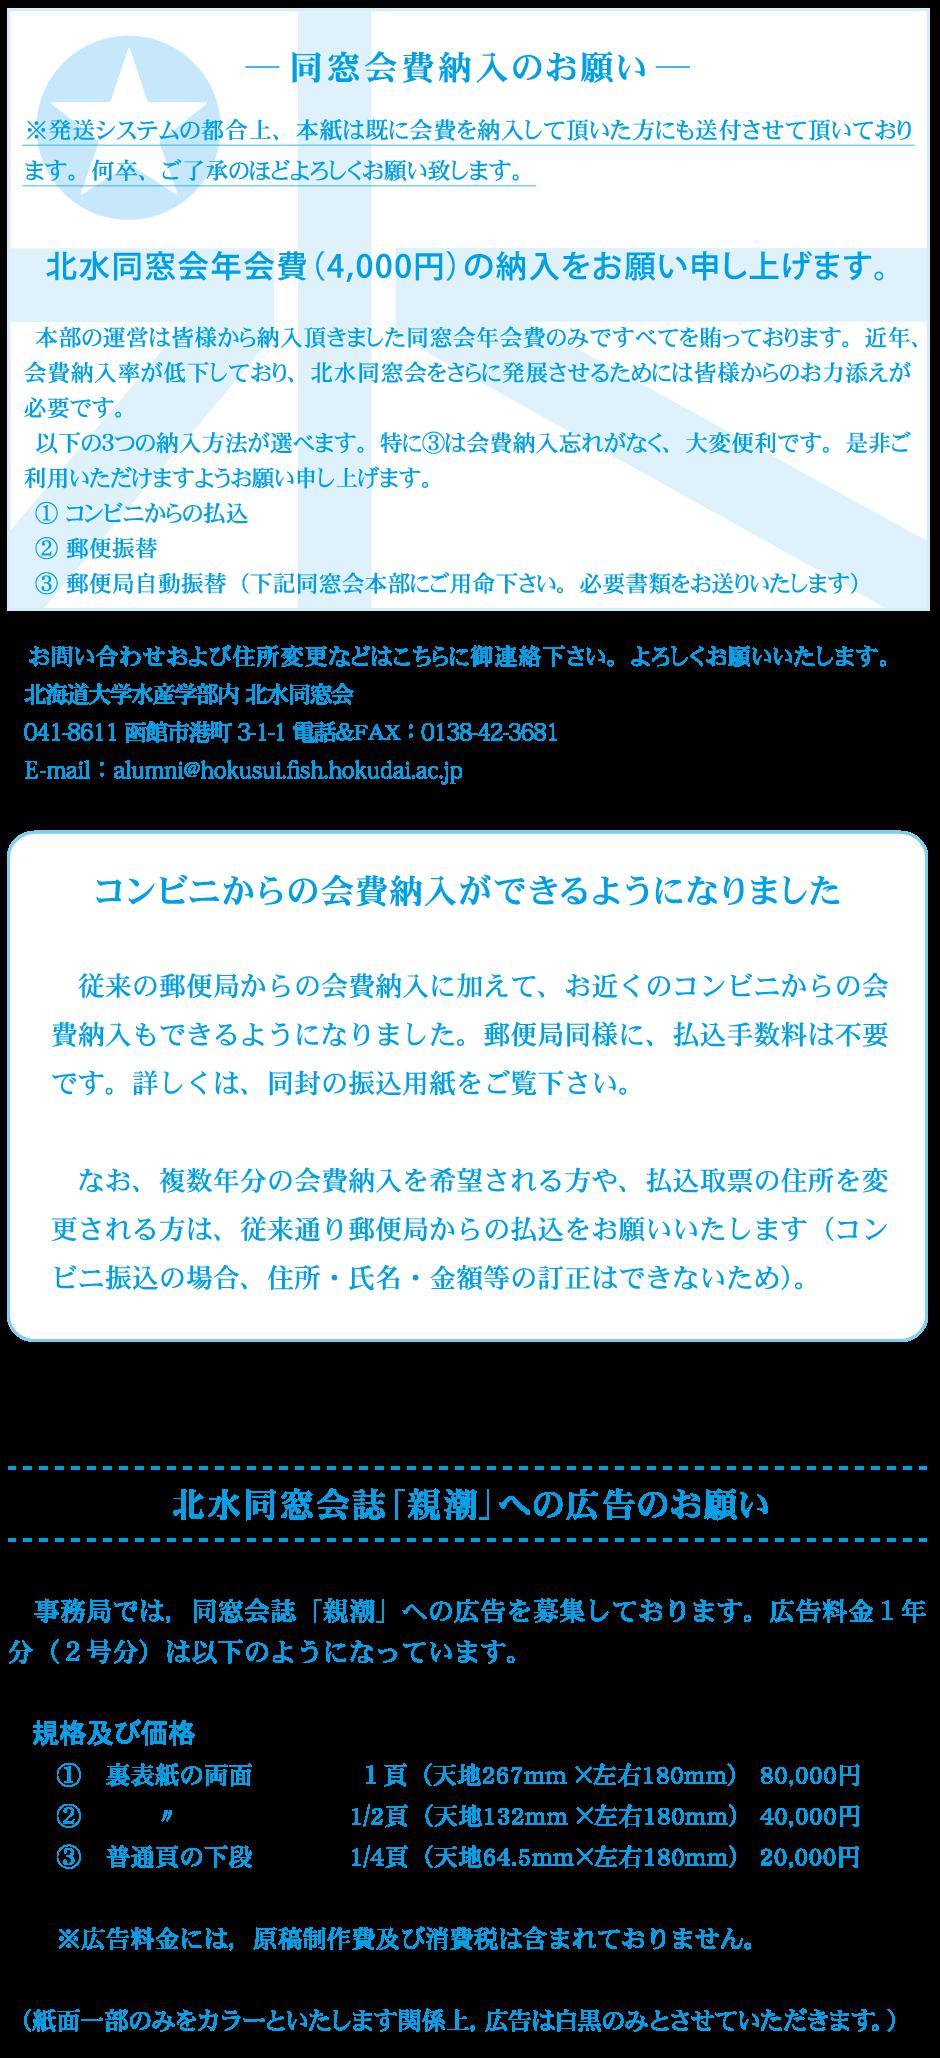 kaihi_koukoku_detail